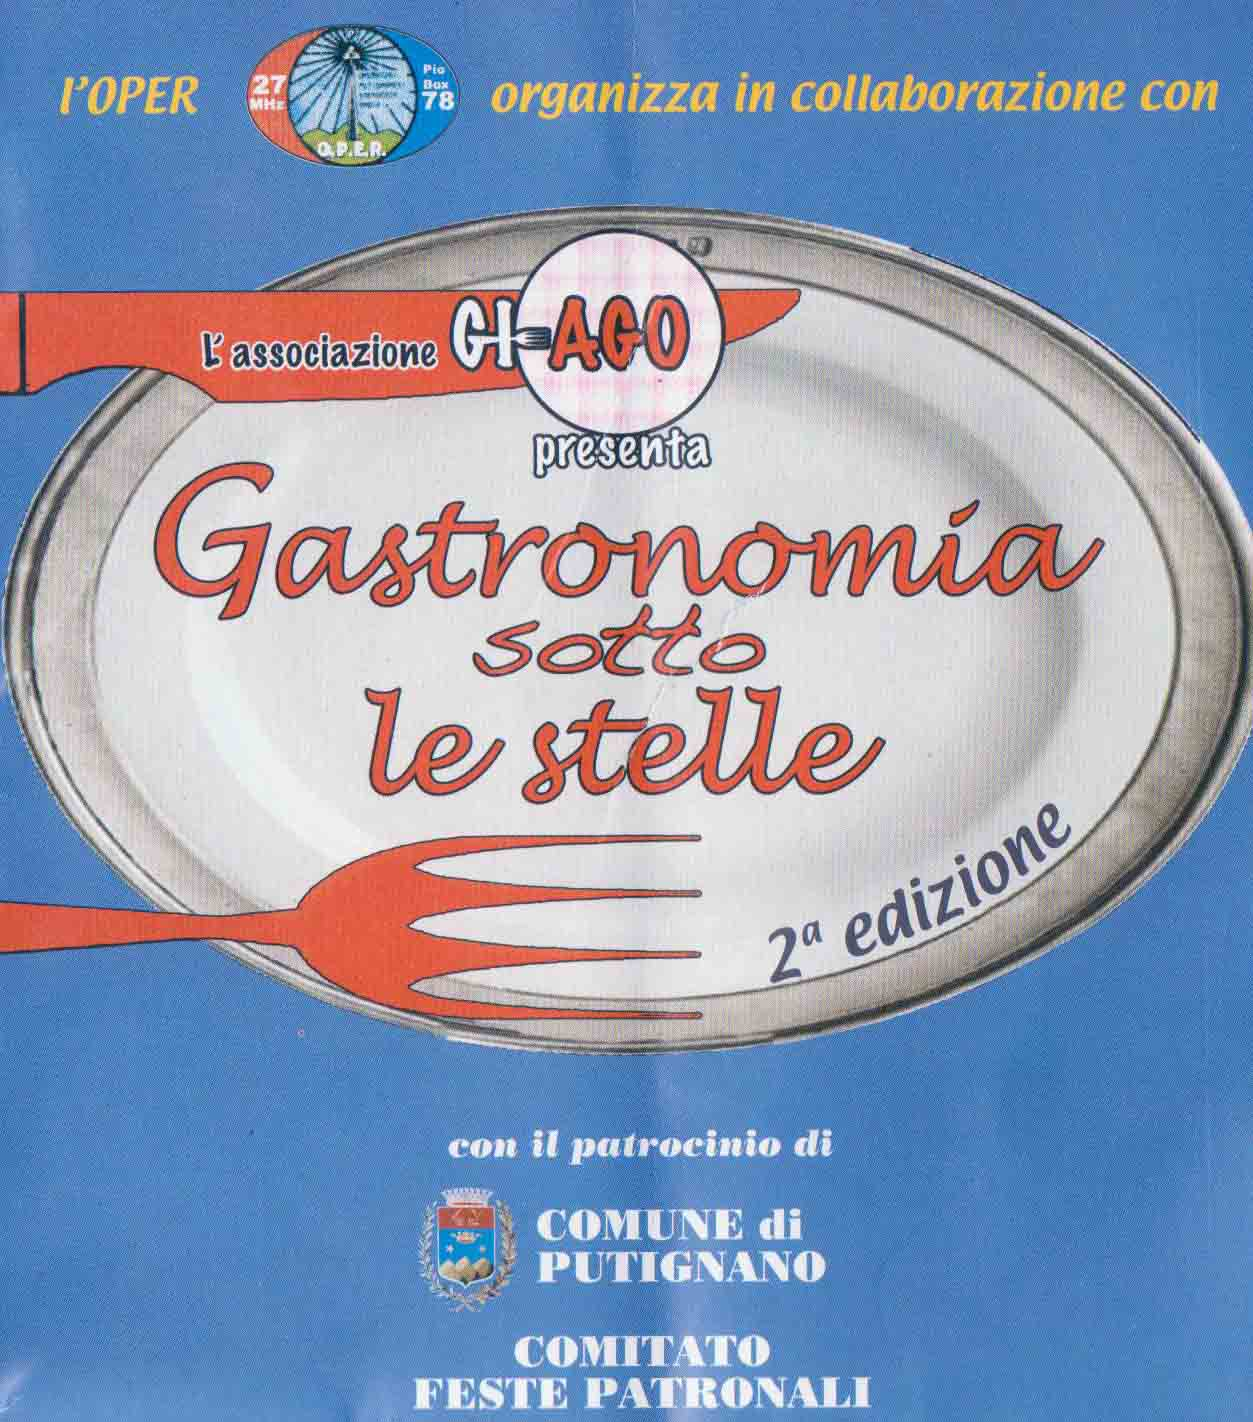 Gastronomia_sotto_le_stelle_2_edizione